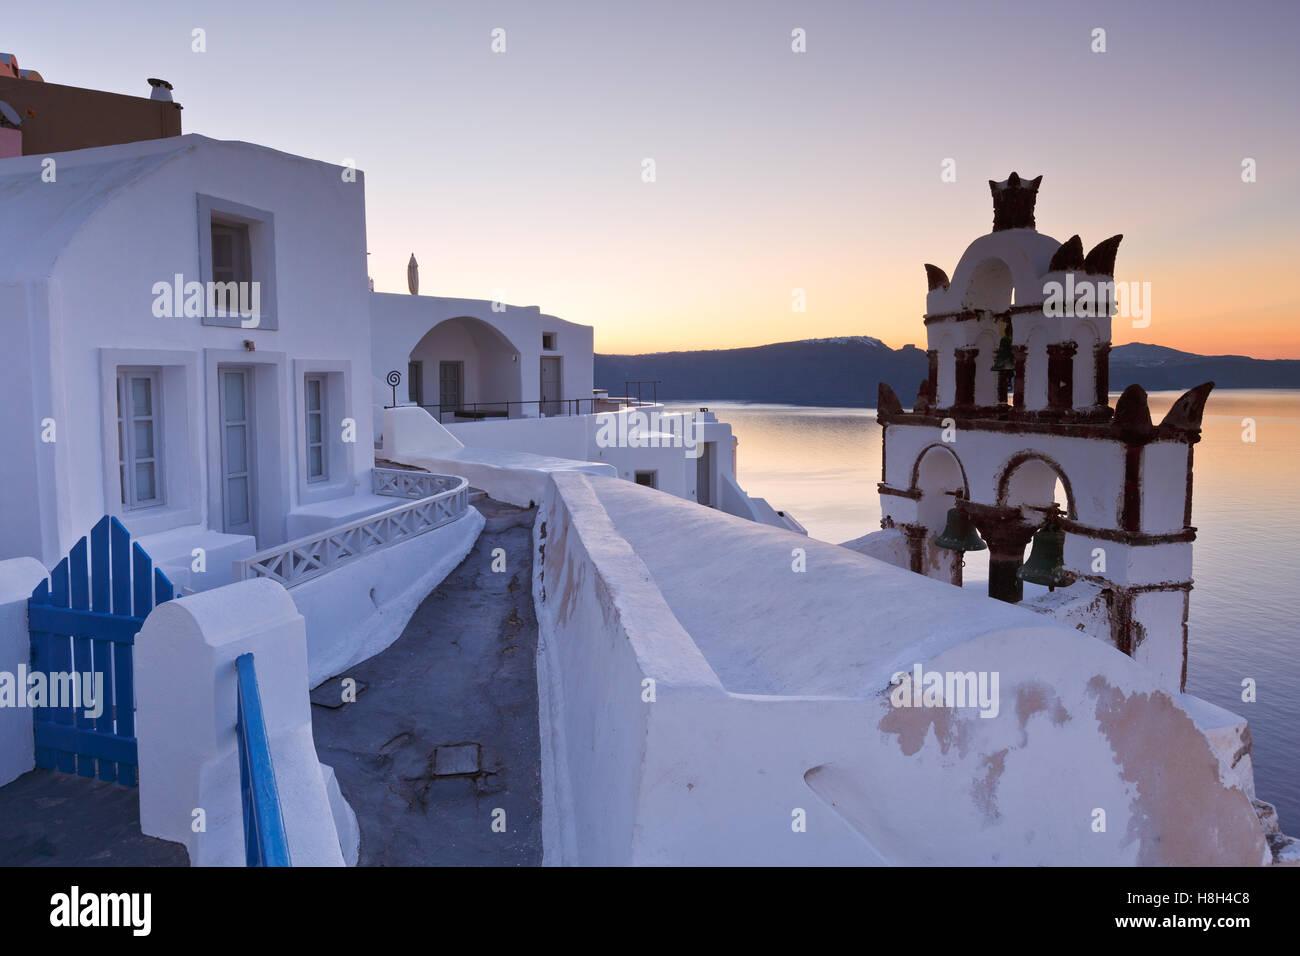 Vue sur le village d''Oia sur l'île de Santorin en Grèce. Banque D'Images